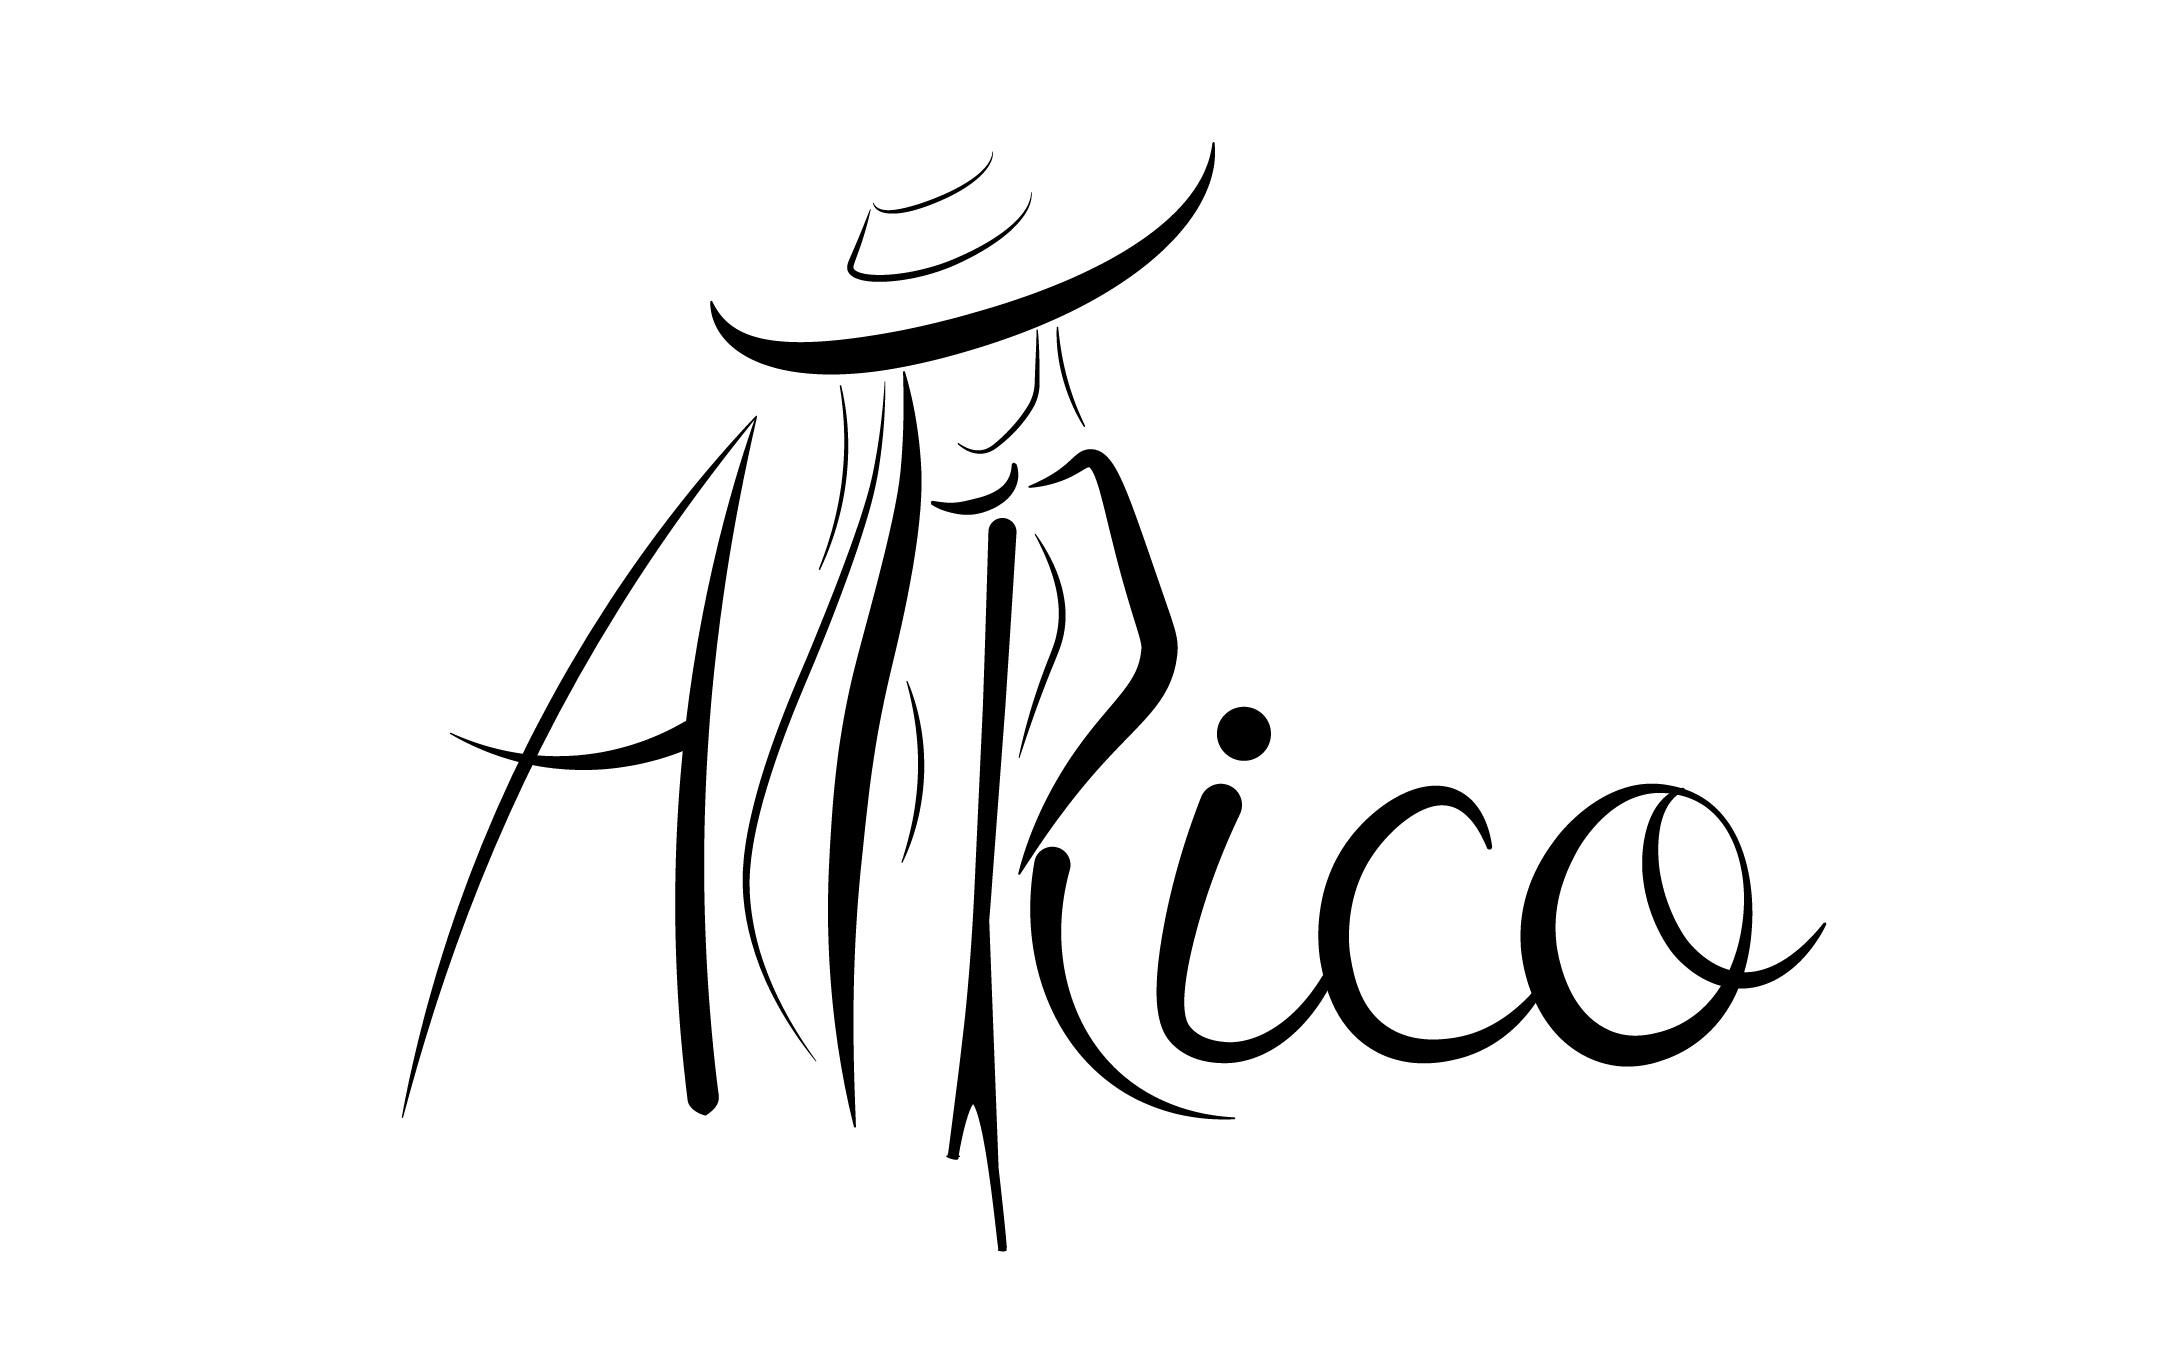 Логотип для брендовой пряжи и трикотажной одежды фото f_599600744afa978a.jpg